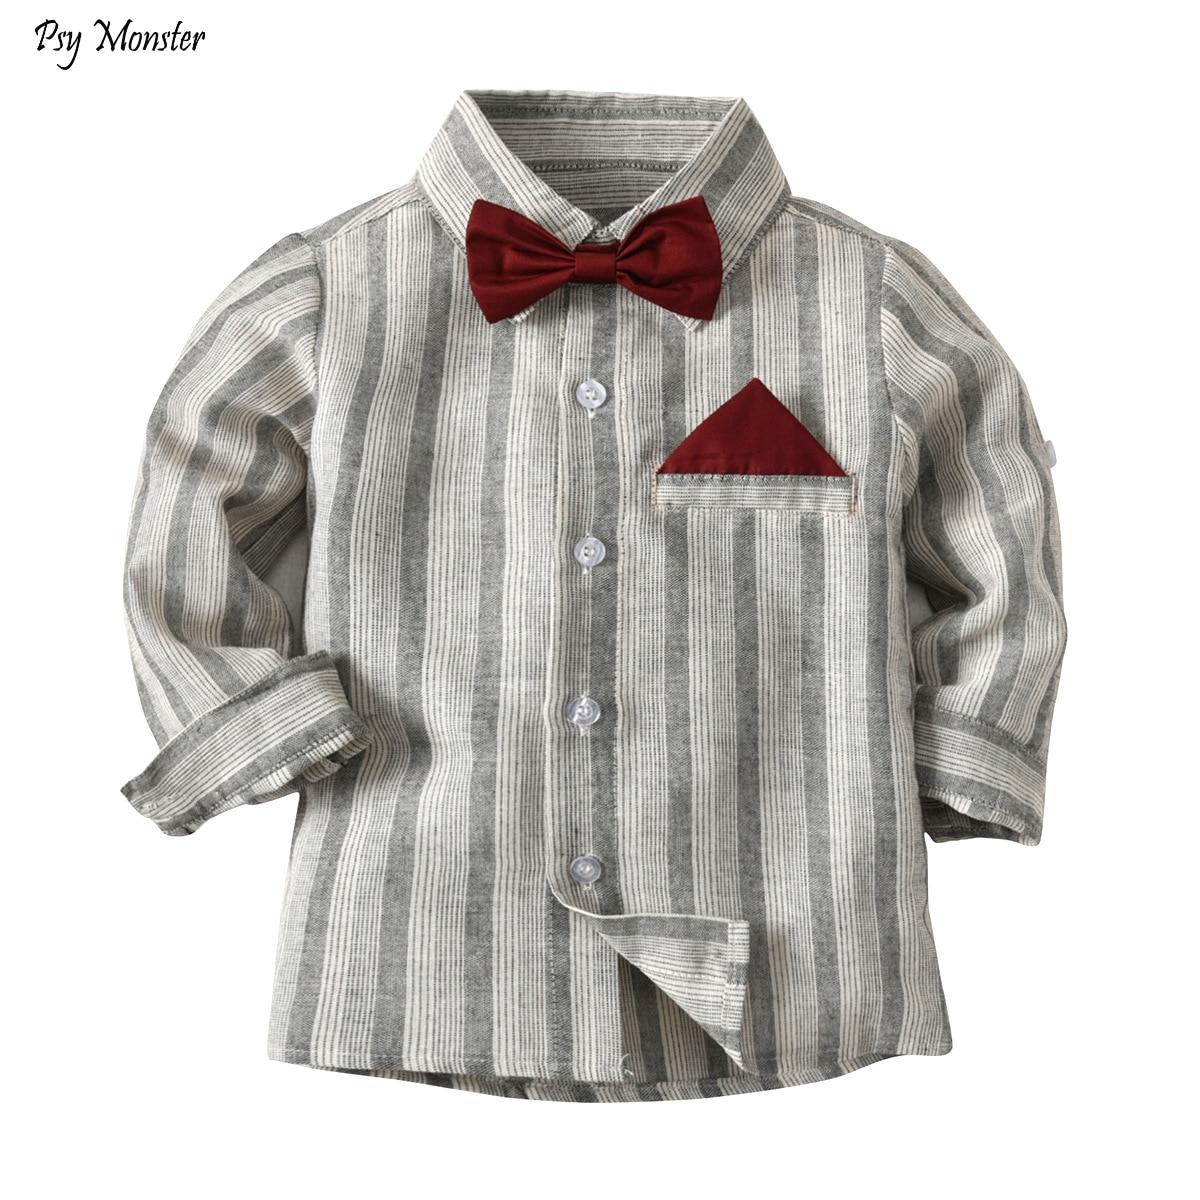 744c2a2e Boy Striped Shirt Children New Big Boy Shirt Kids Casual Gentleman Long- sleeved Bowtie Top Clothes